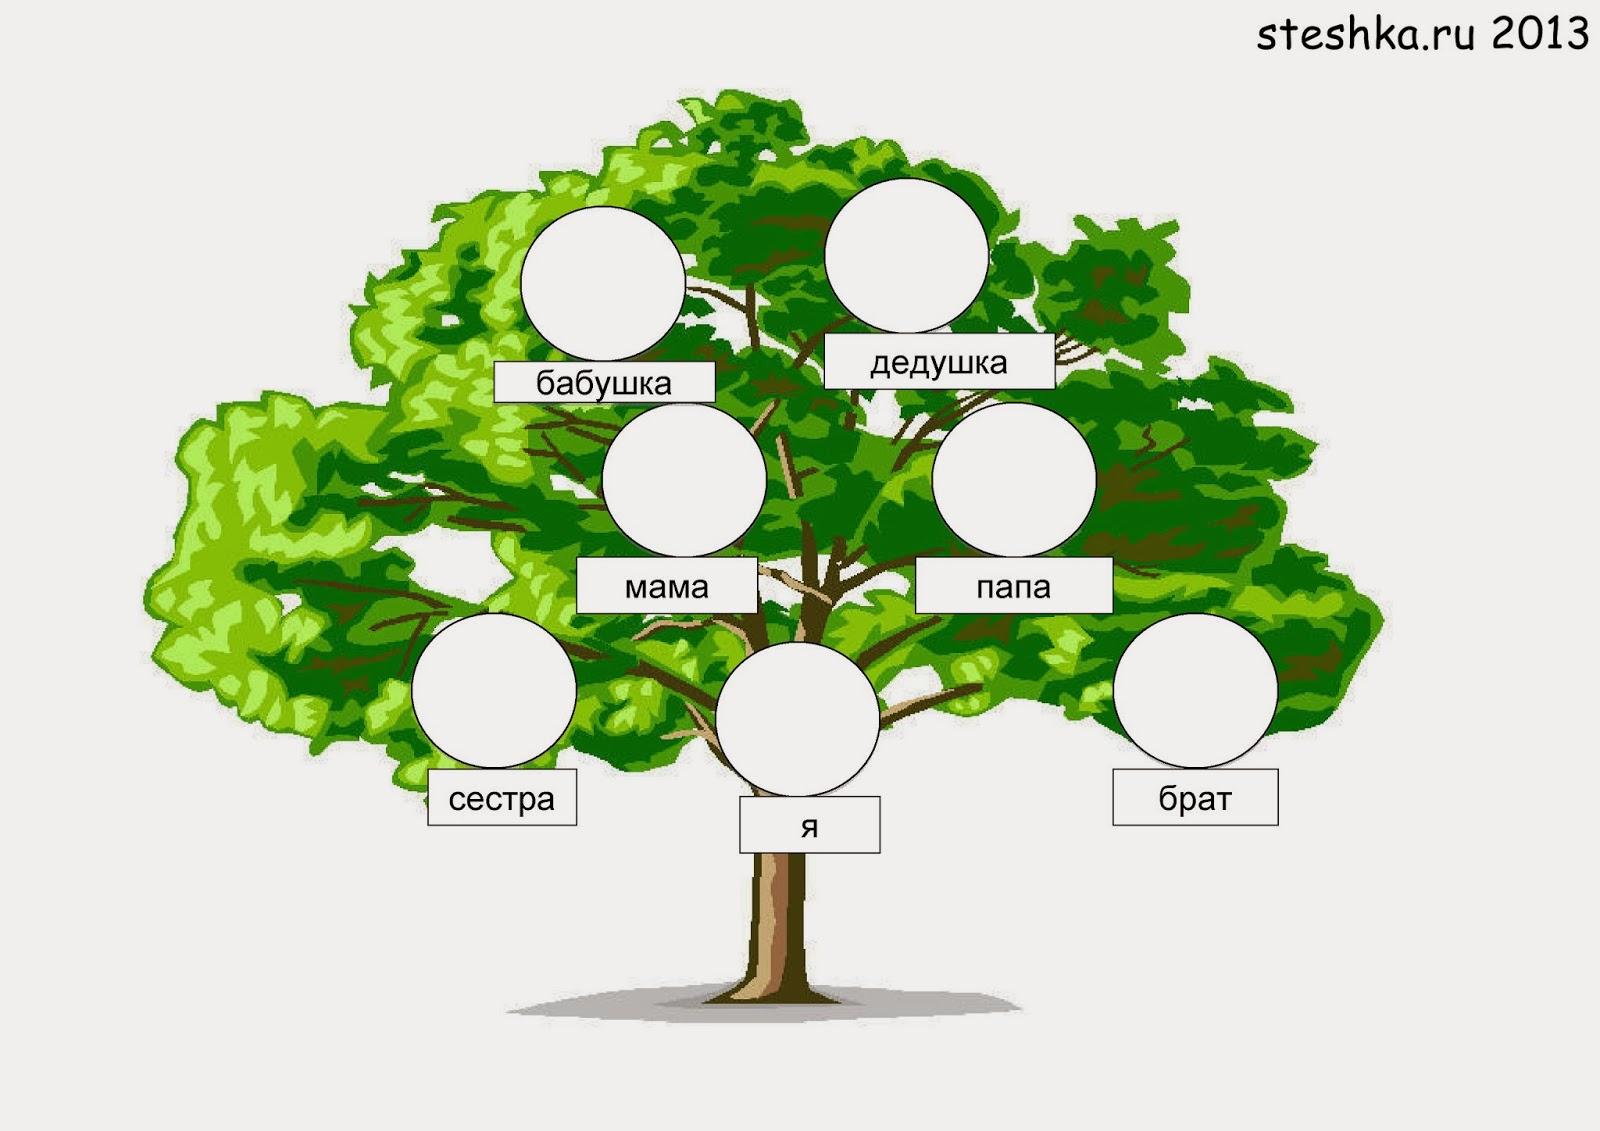 как оформить родословное дерево своими руками на листе